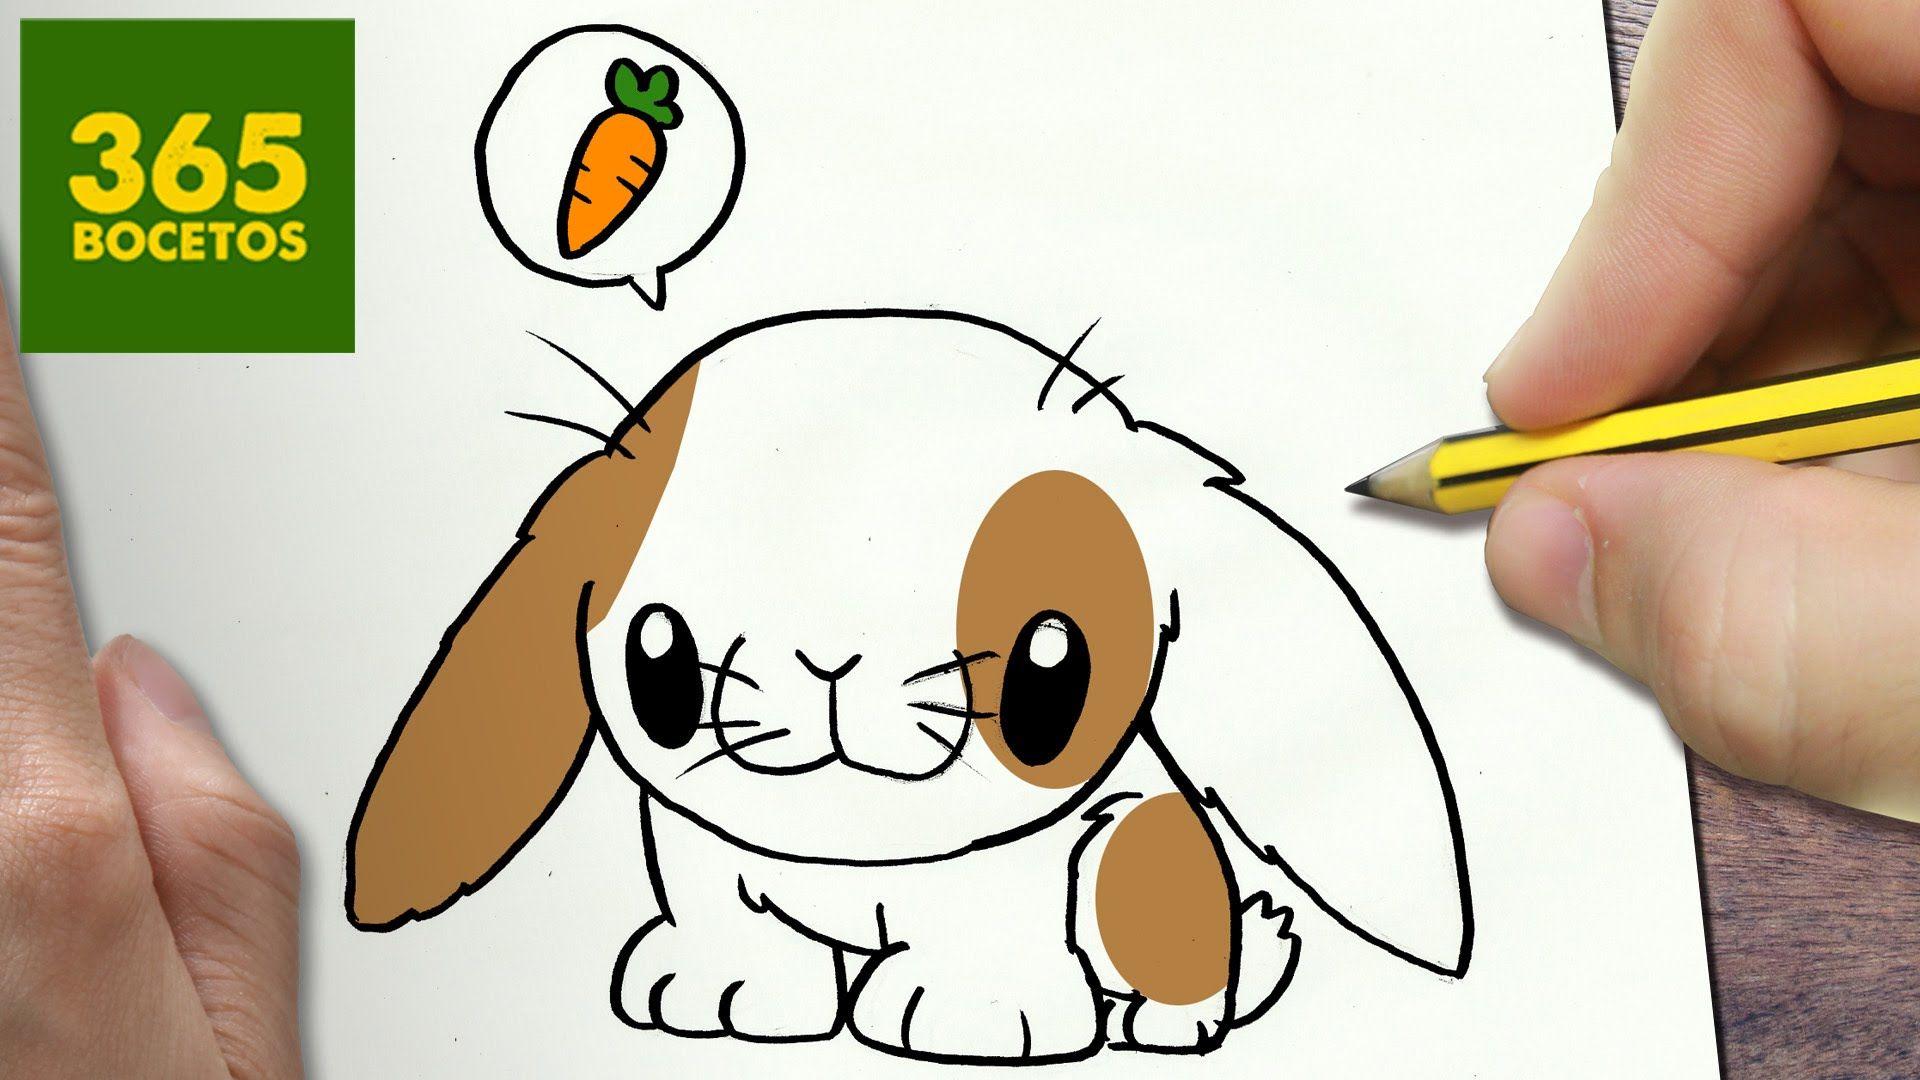 Como Dibujar Conejito Kawaii Paso A Paso Dibujos Kawaii Faciles